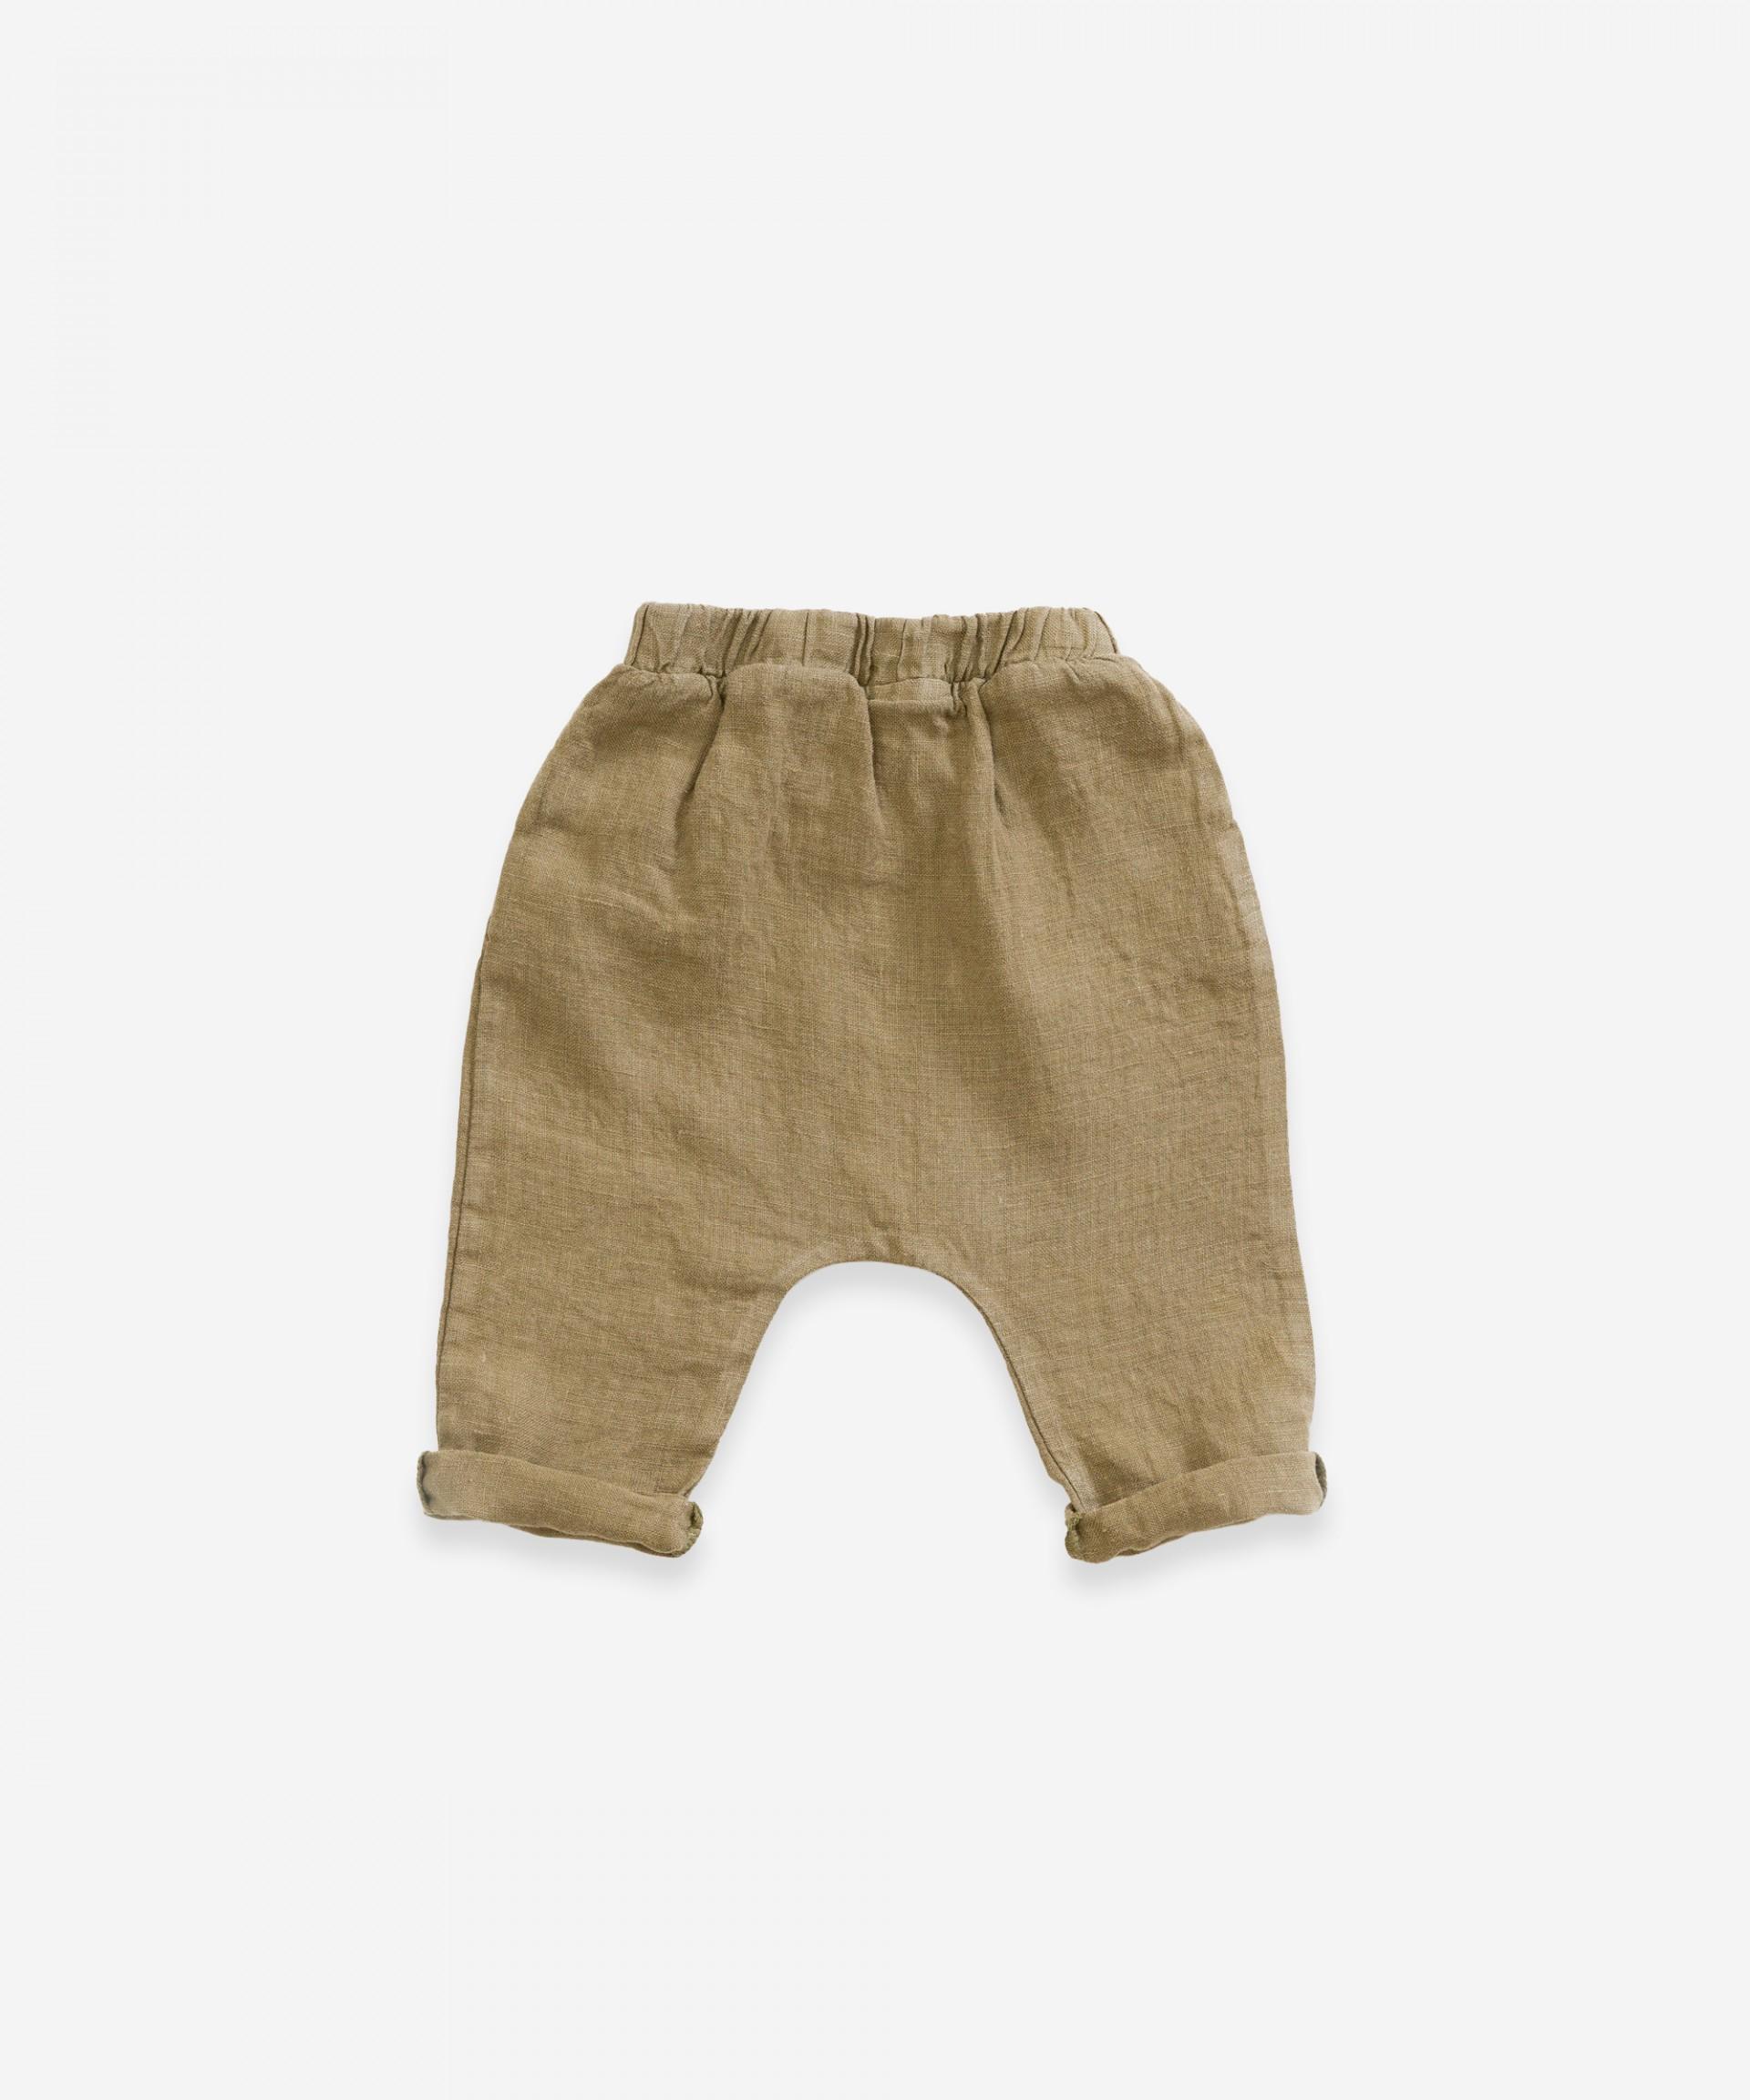 Pantalón de lino con cordón | Weaving